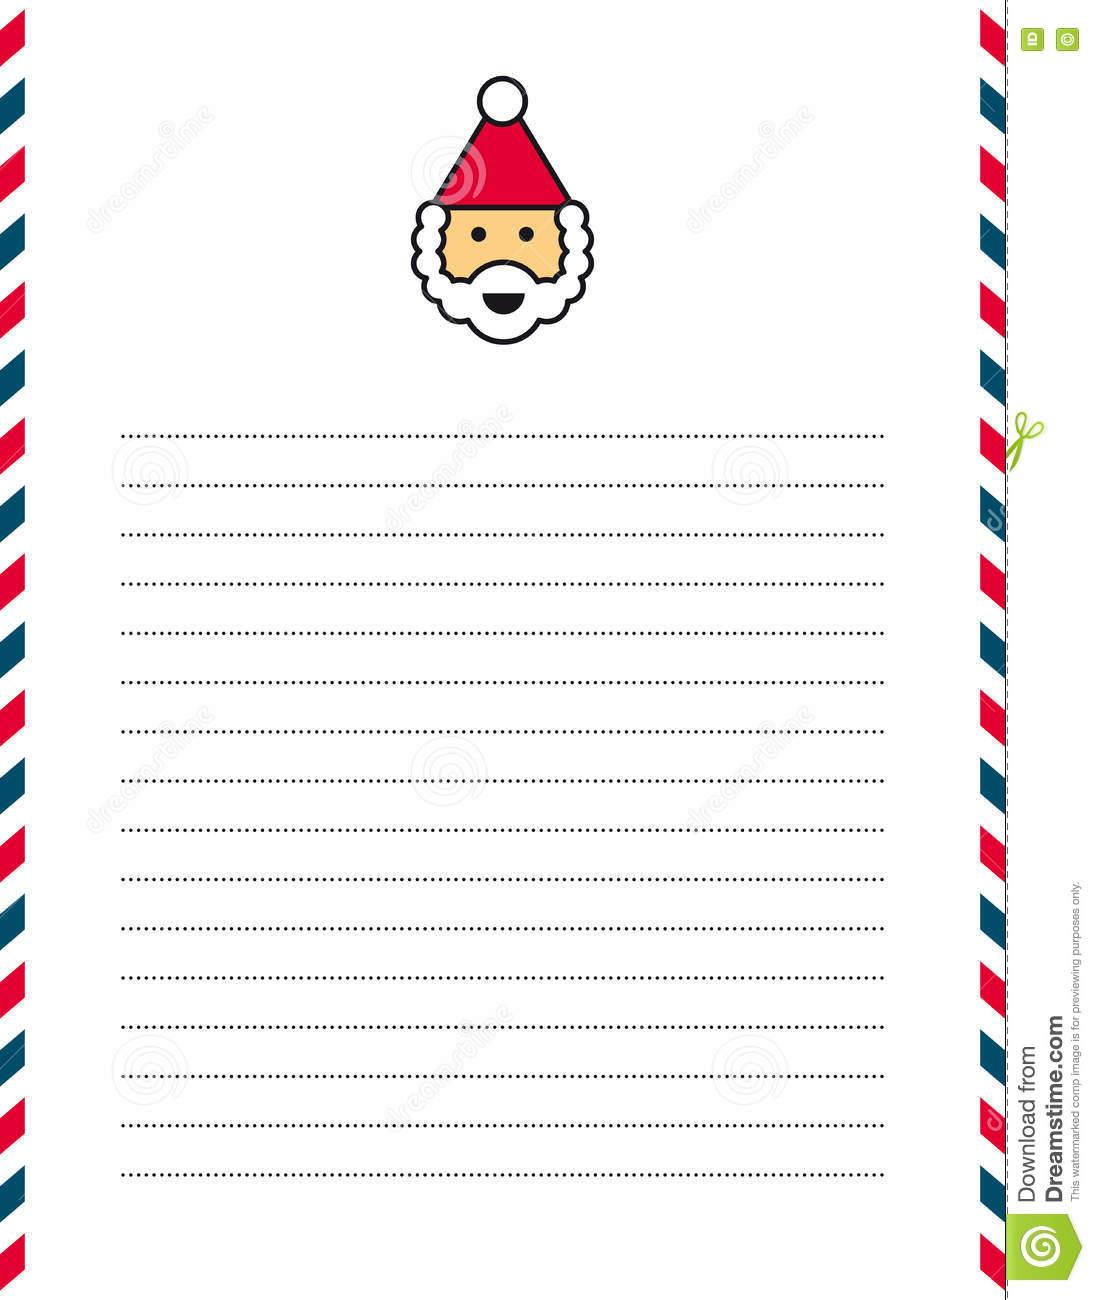 Santa Clause Letterhead Stock Vector. Illustration Of à Papier Lettre De Noel